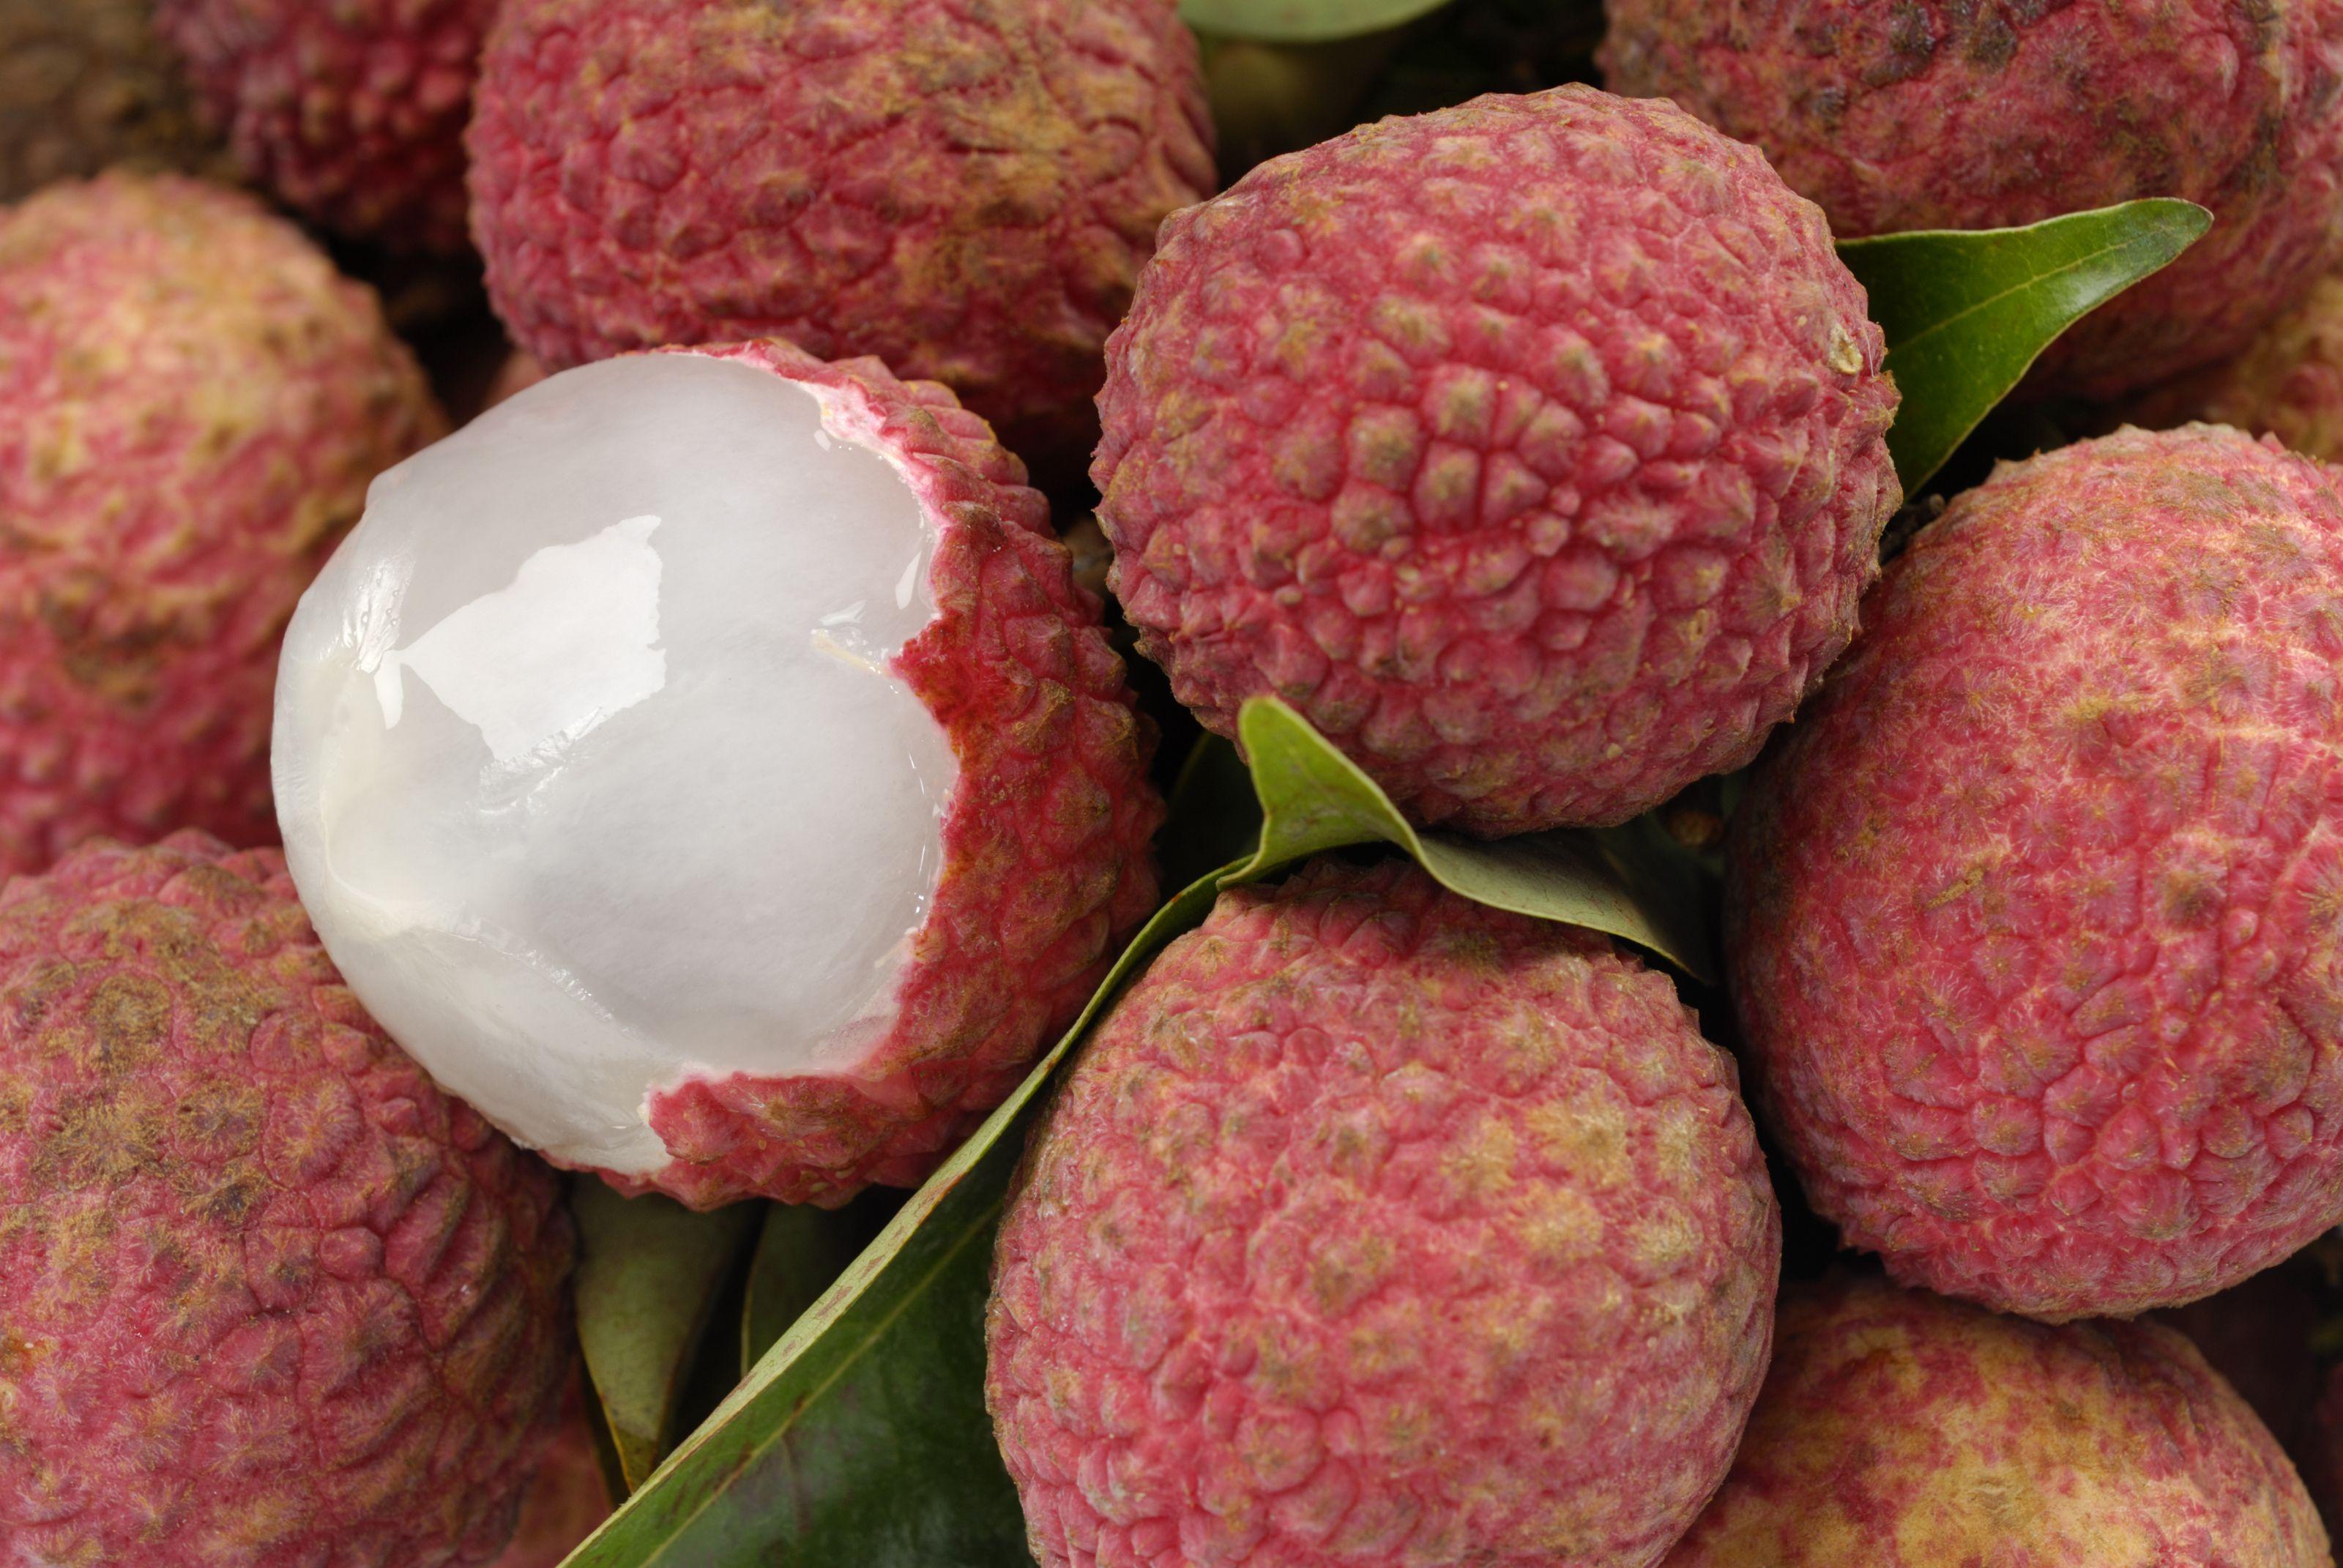 lychees-litchi-chinensis-182479989-58864dfe5f9b58bdb39112f6.jpg